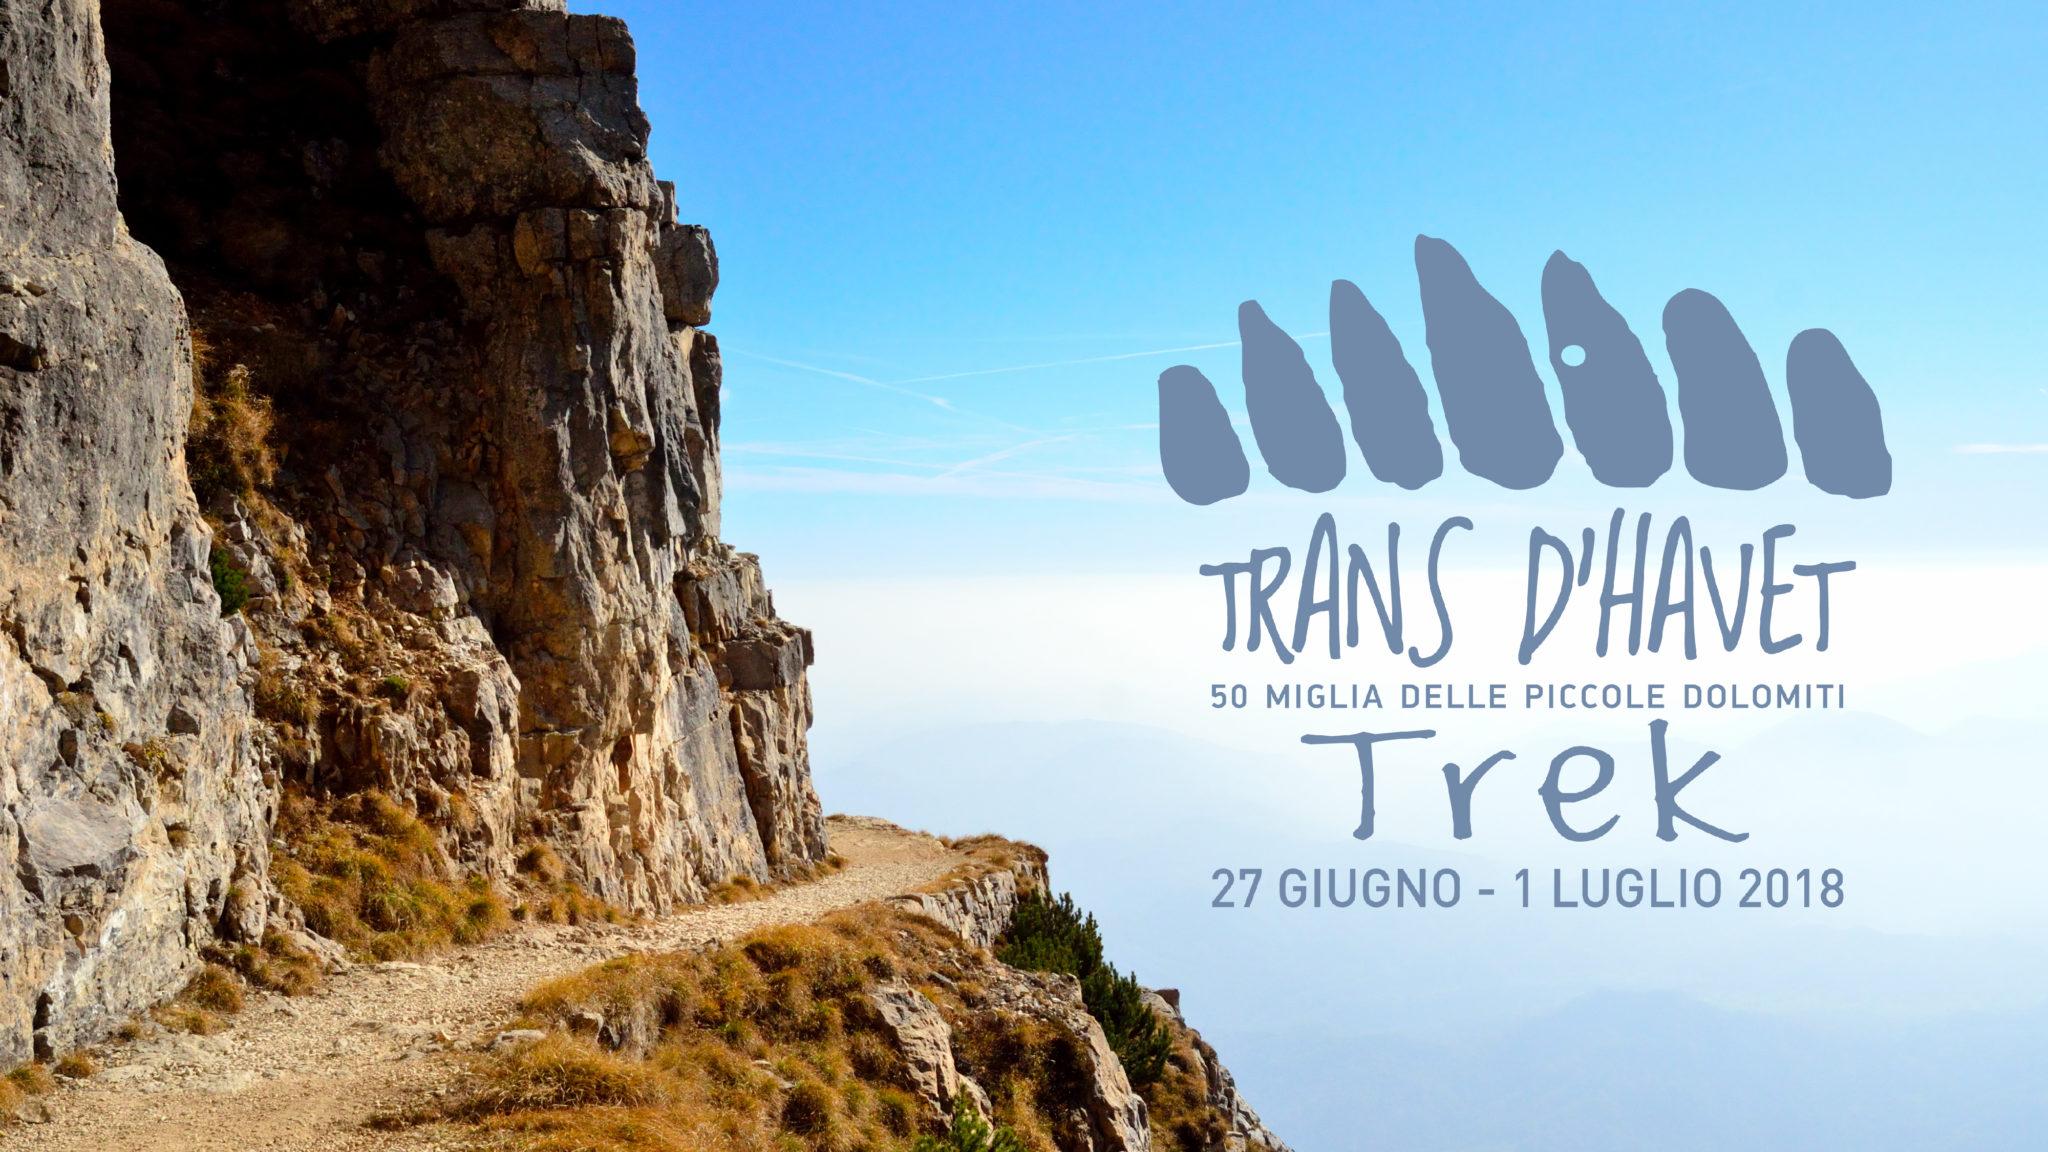 Trans D'Havet TREK: il trekking che ripercorre la 50 miglia delle Piccole Dolomiti